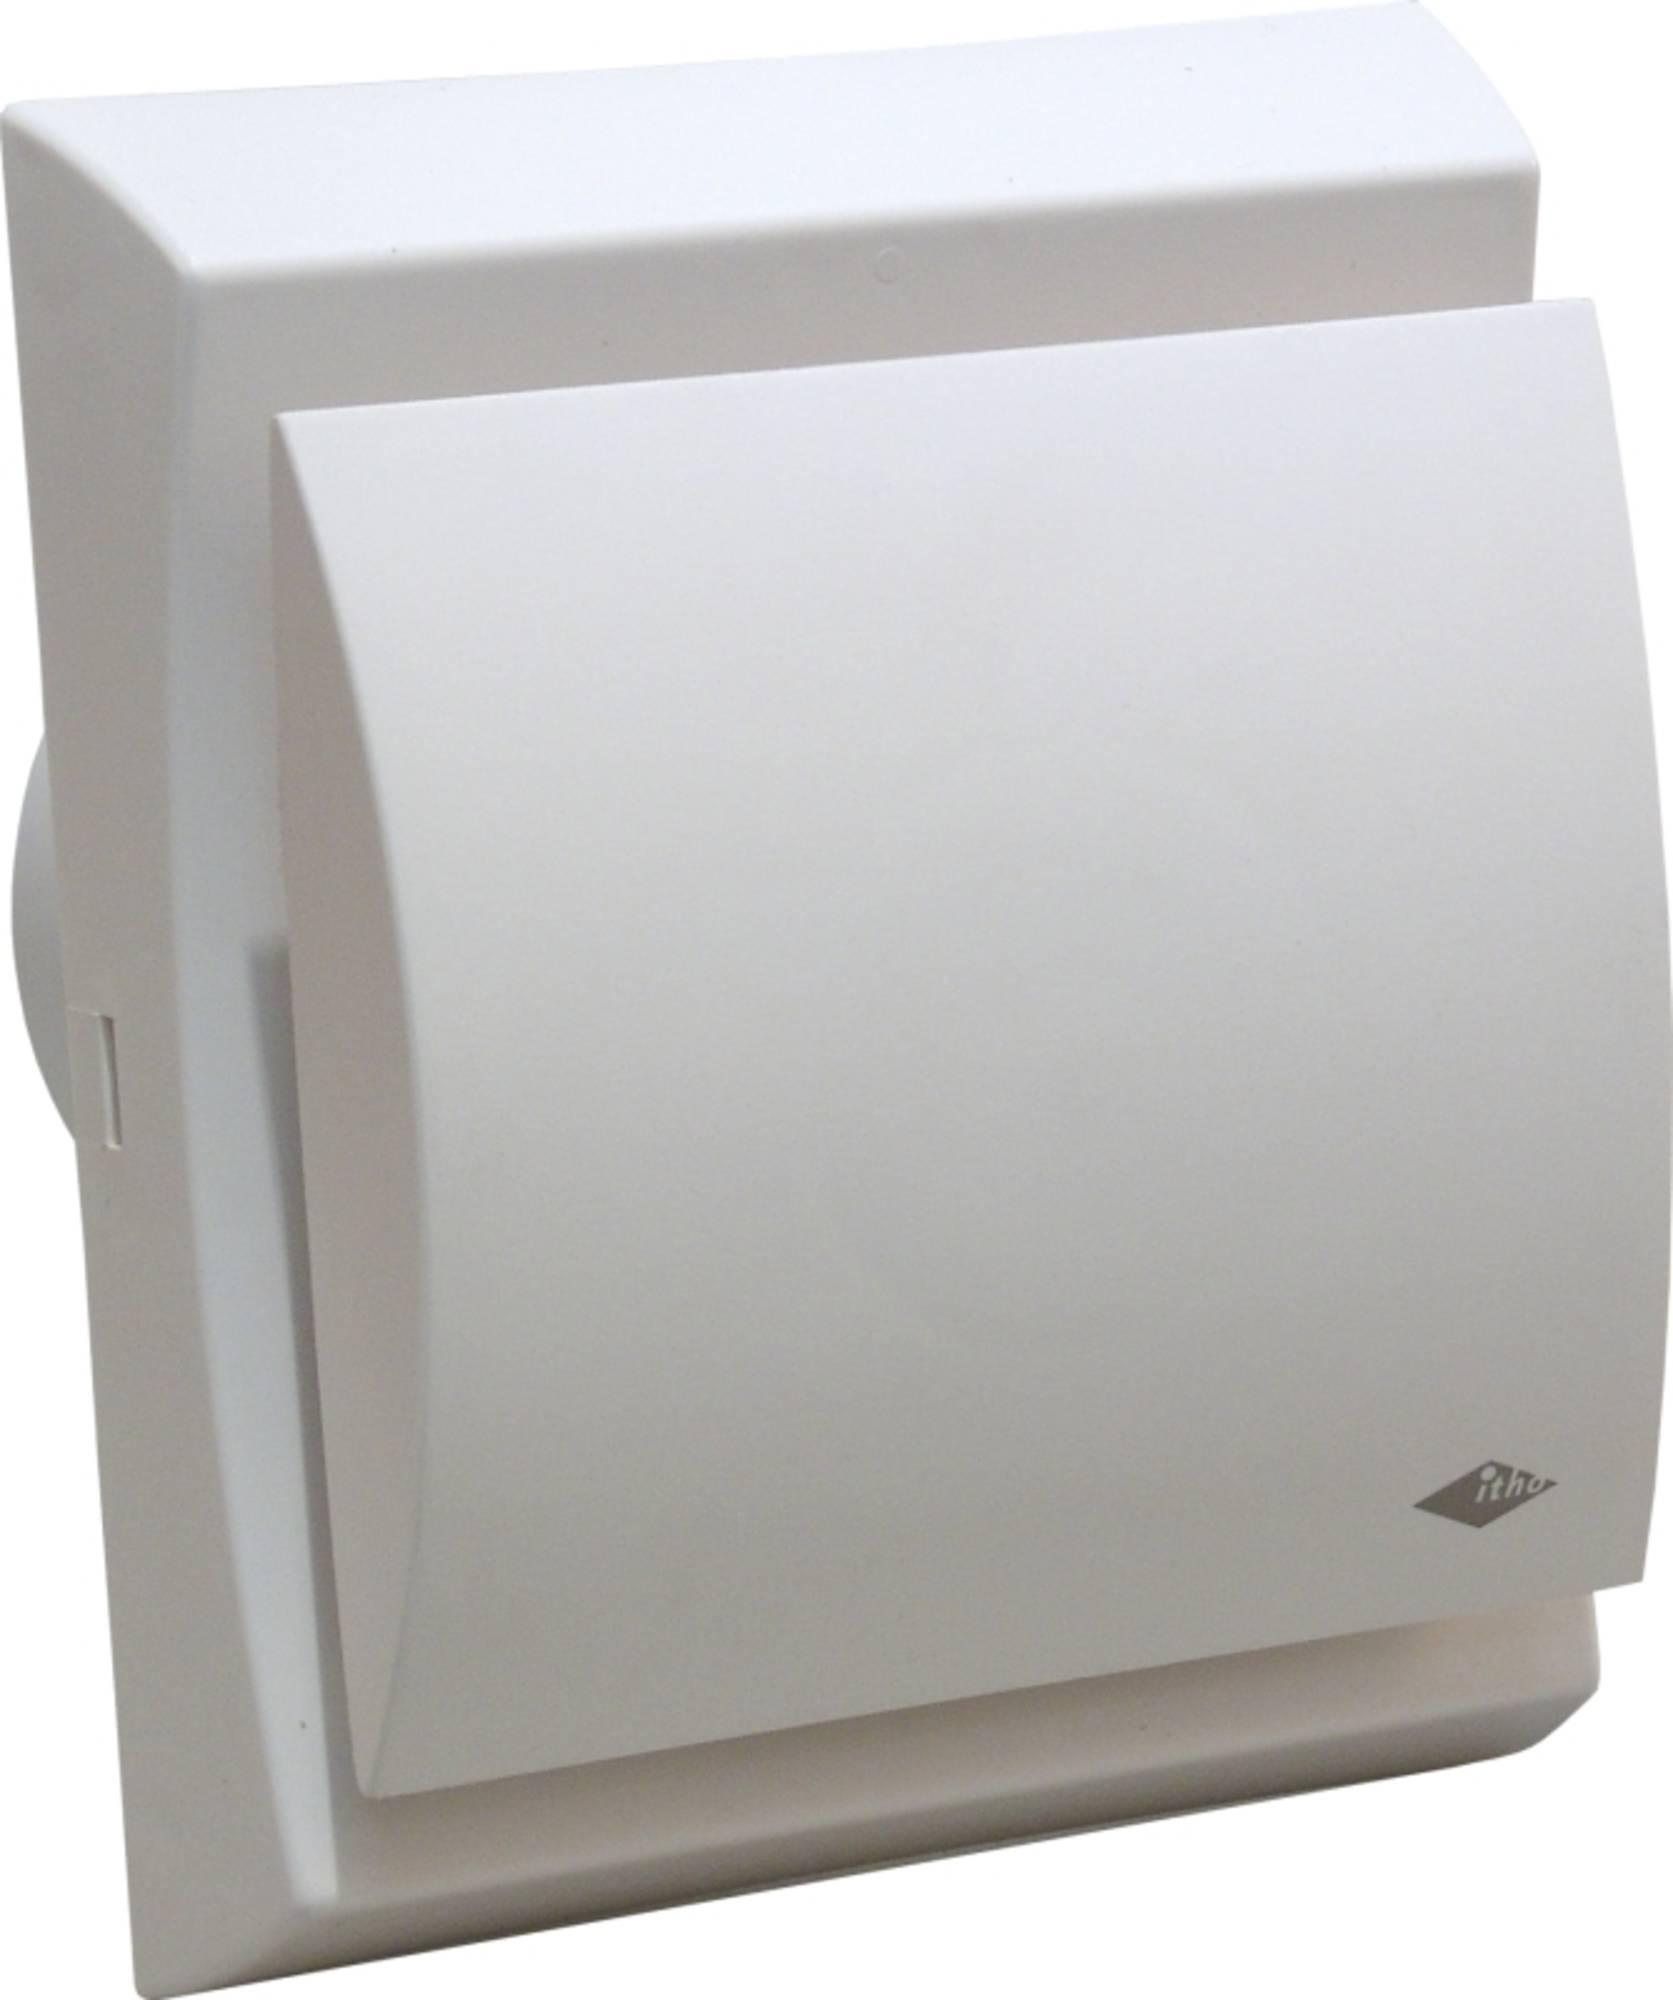 ITHO kanaalventilator 230v btv-n200 voor 100 en 125 mm. WIT (5400800N)